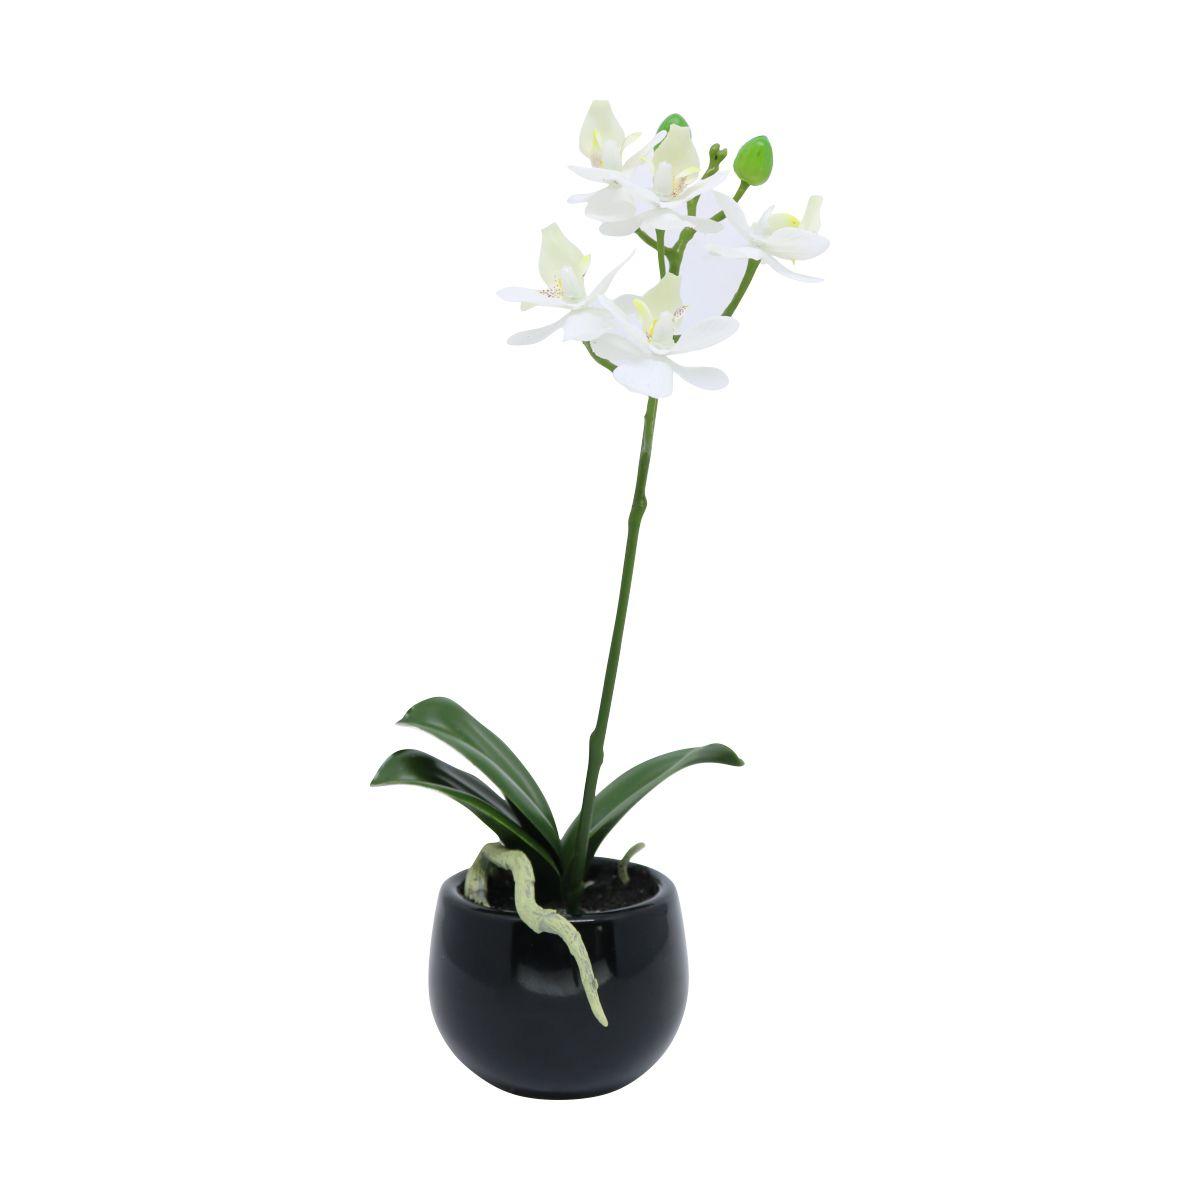 Orquídea Phalaenopsis artificial Branca com Vaso Preto 25cm - 27548001